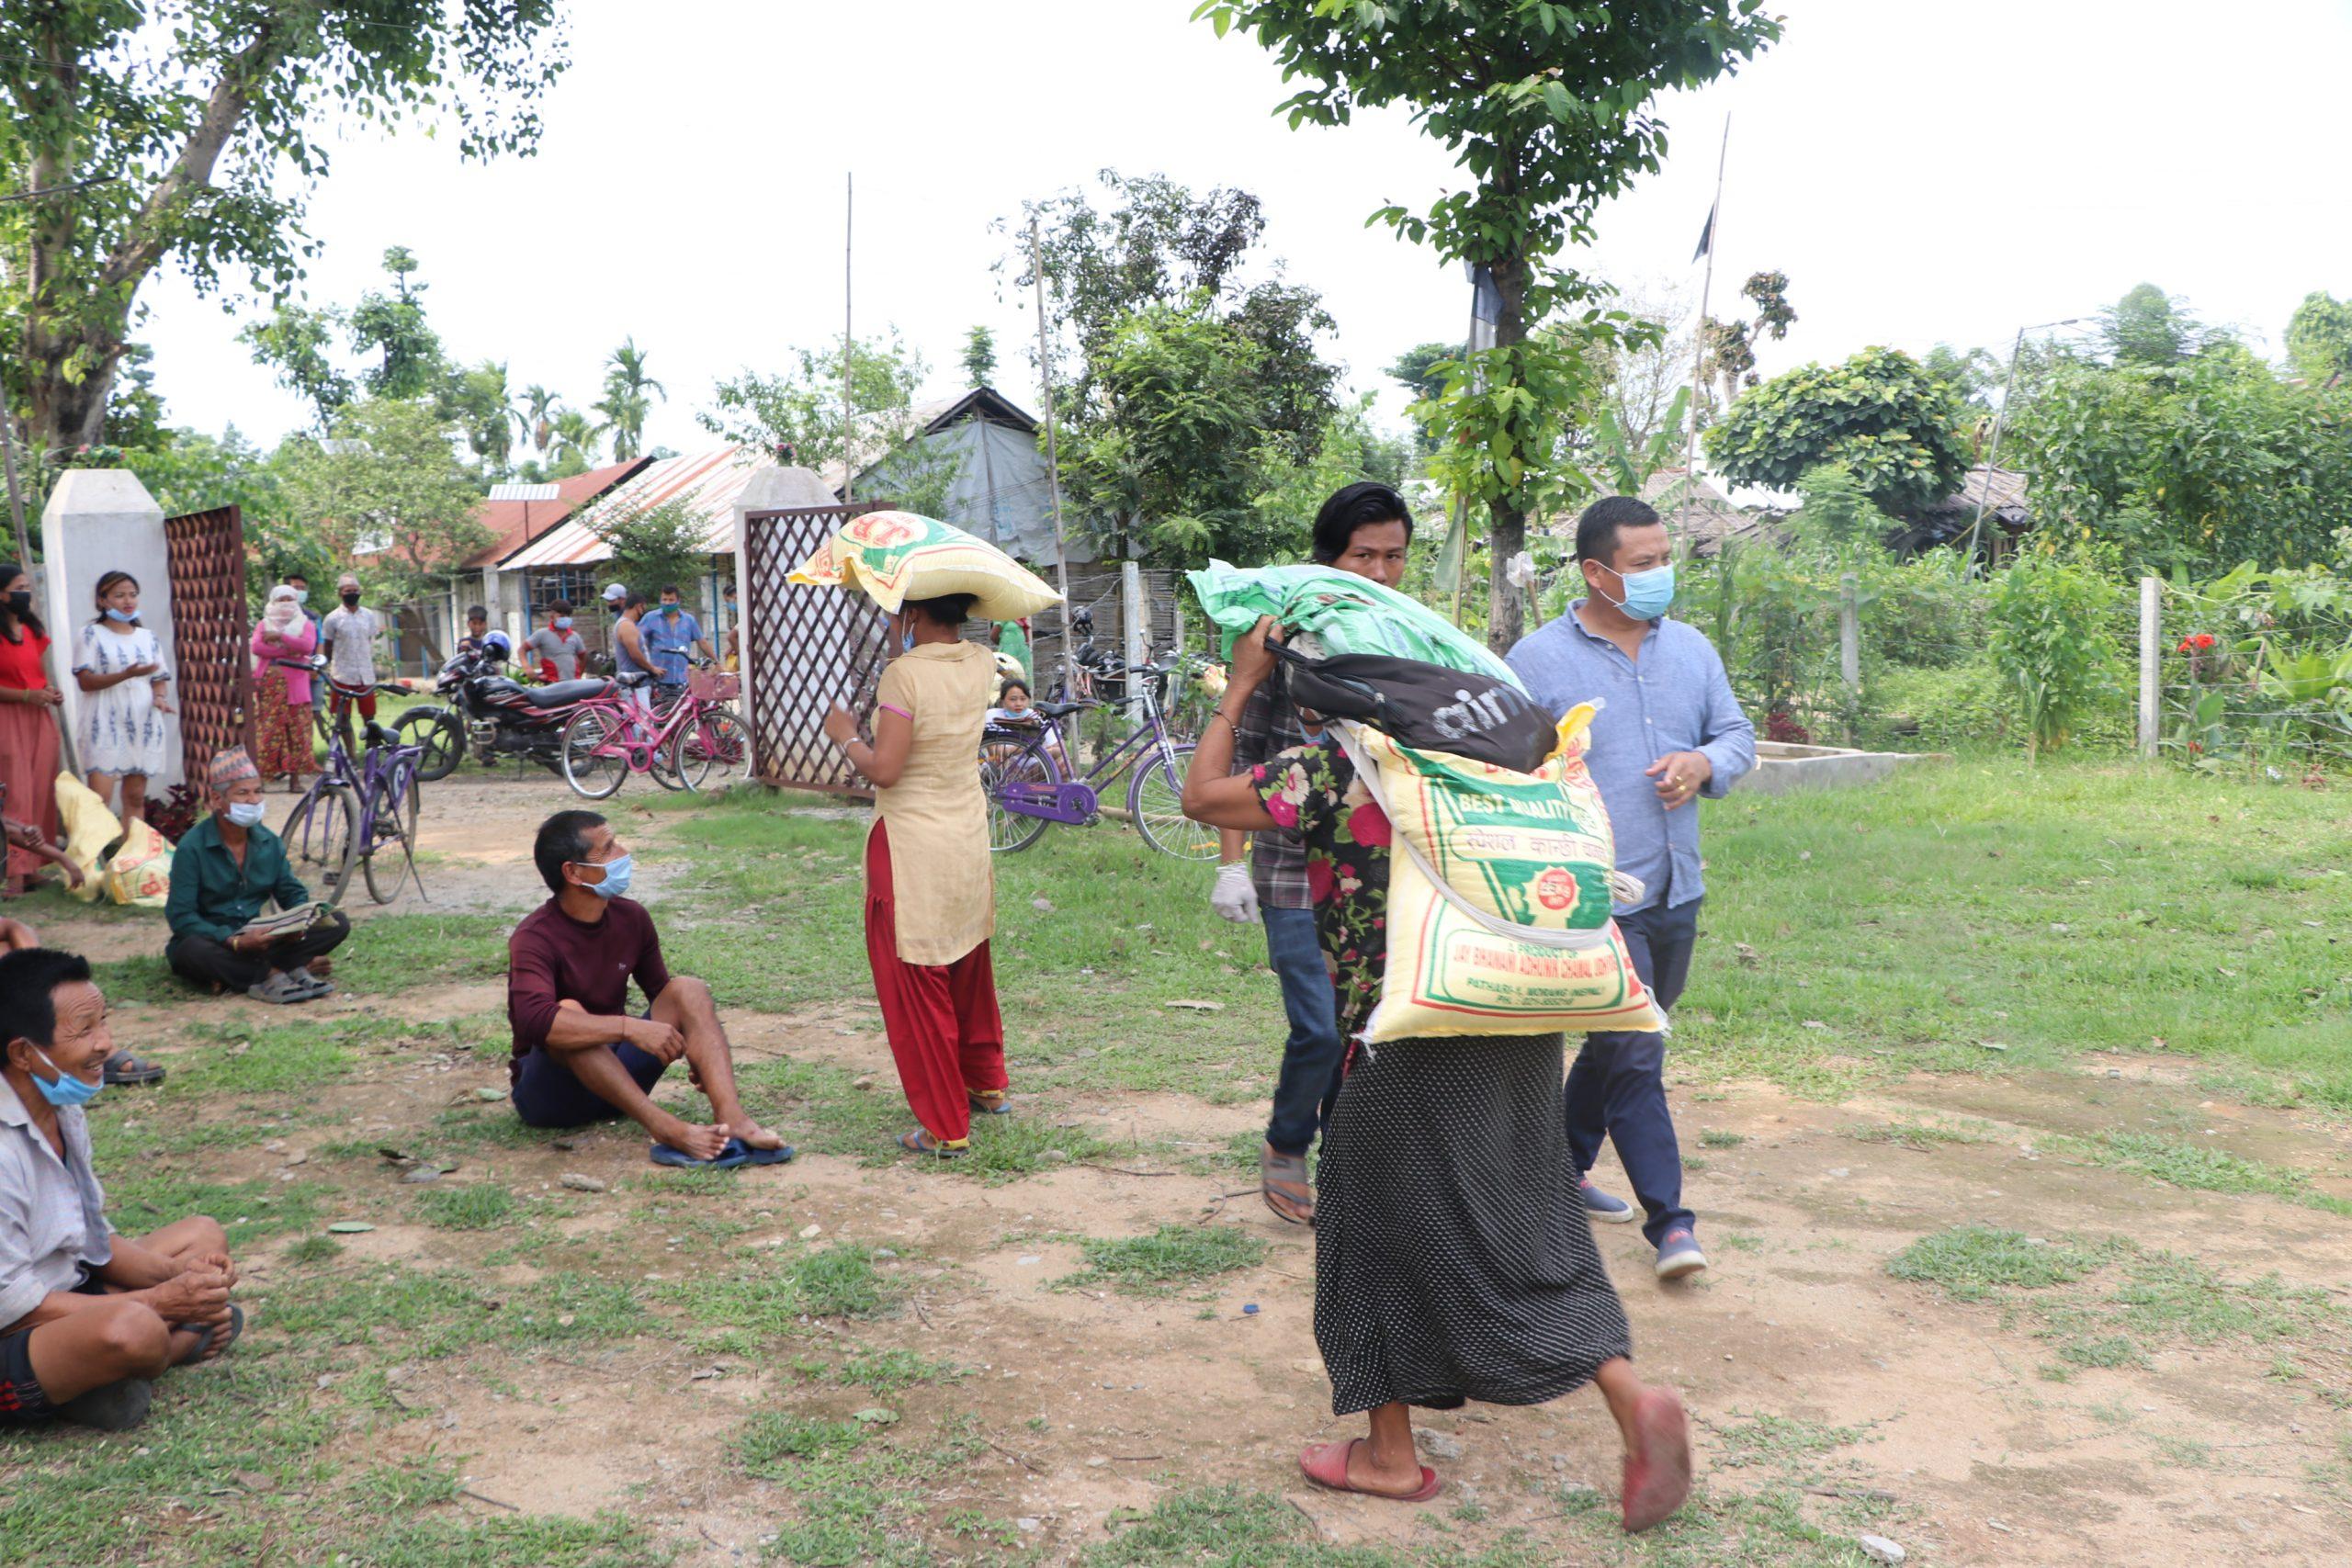 तेस्रो मुलुकमा रहेका नेपालीद्धारा शरणार्थी सिविरमा राहत वितरण